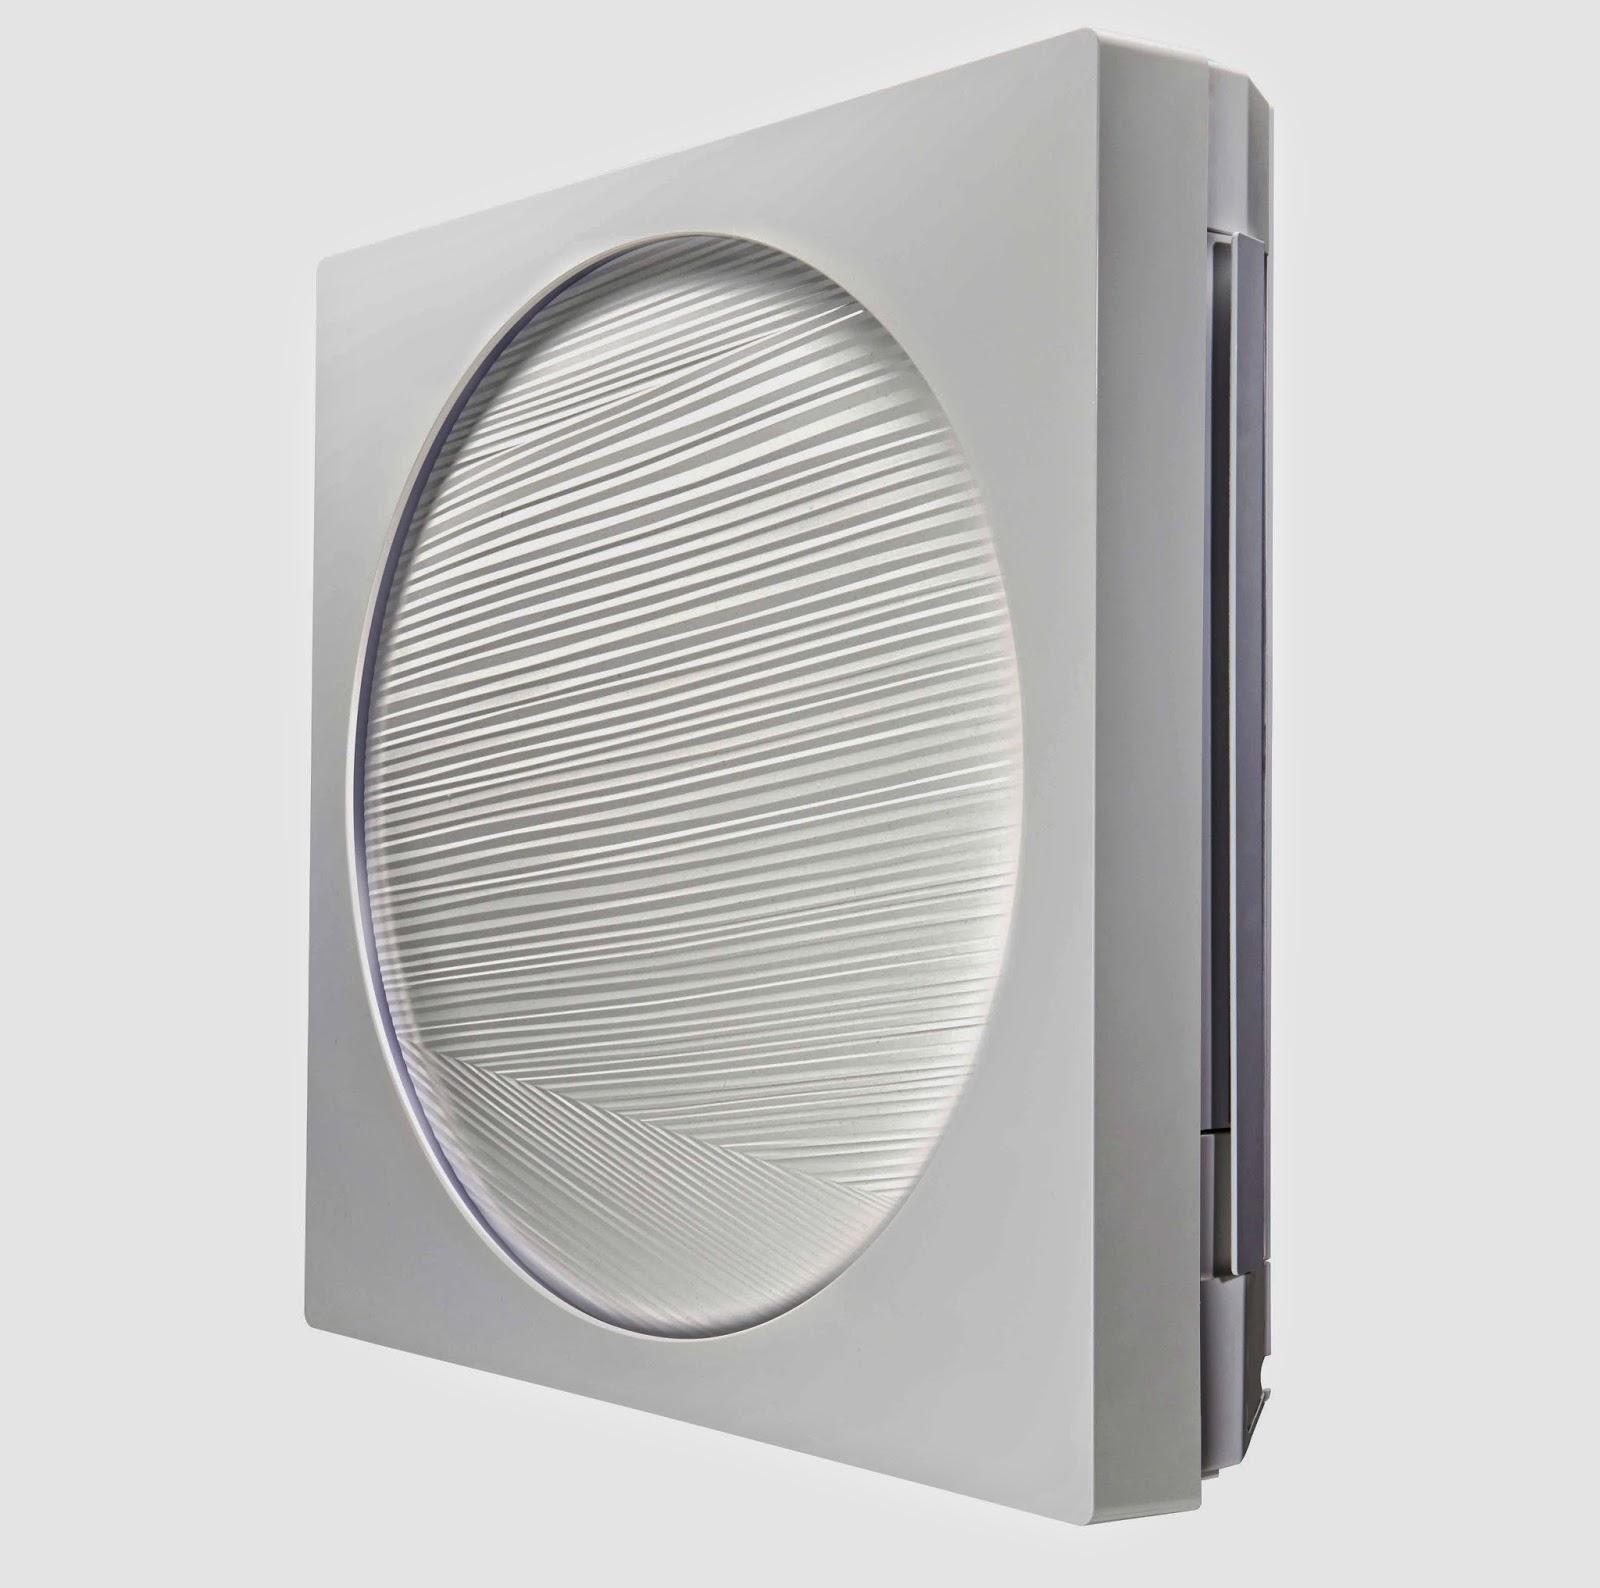 Fantechnology lg presenta il climatizzatore artcool stylist for Condizionatori arredo